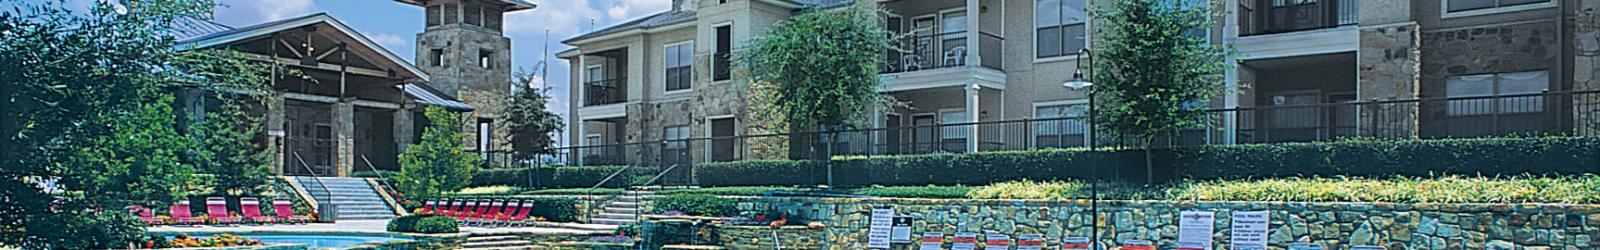 Parking at El Lago Apartments in McKinney, Texas